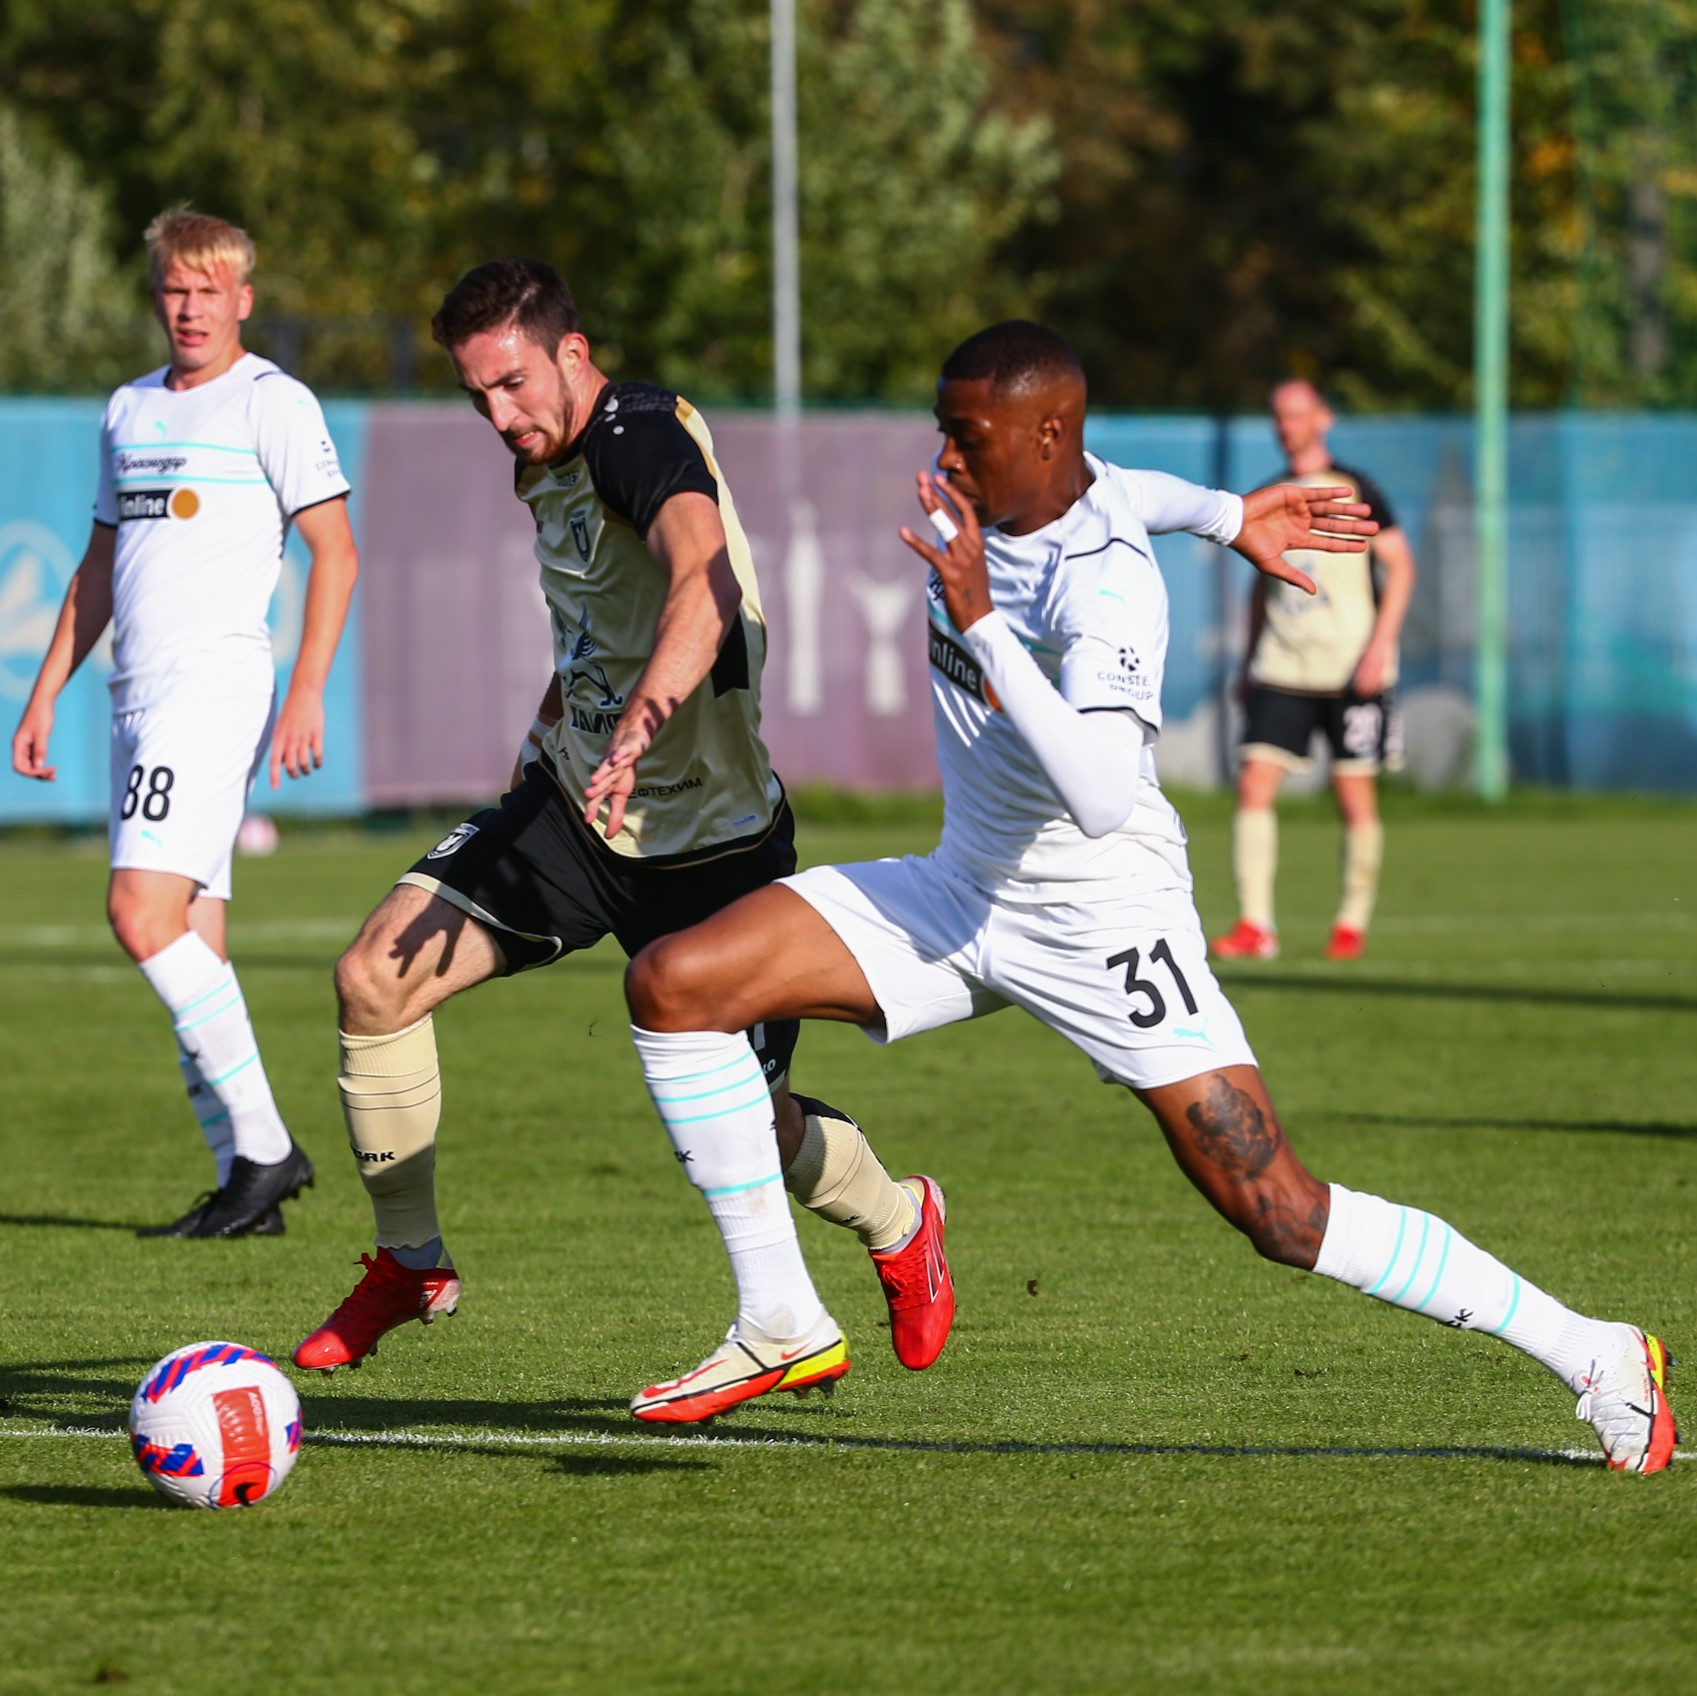 Дубль Ильина помог «Краснодару» обыграть «Рубин» в товарищеском матче